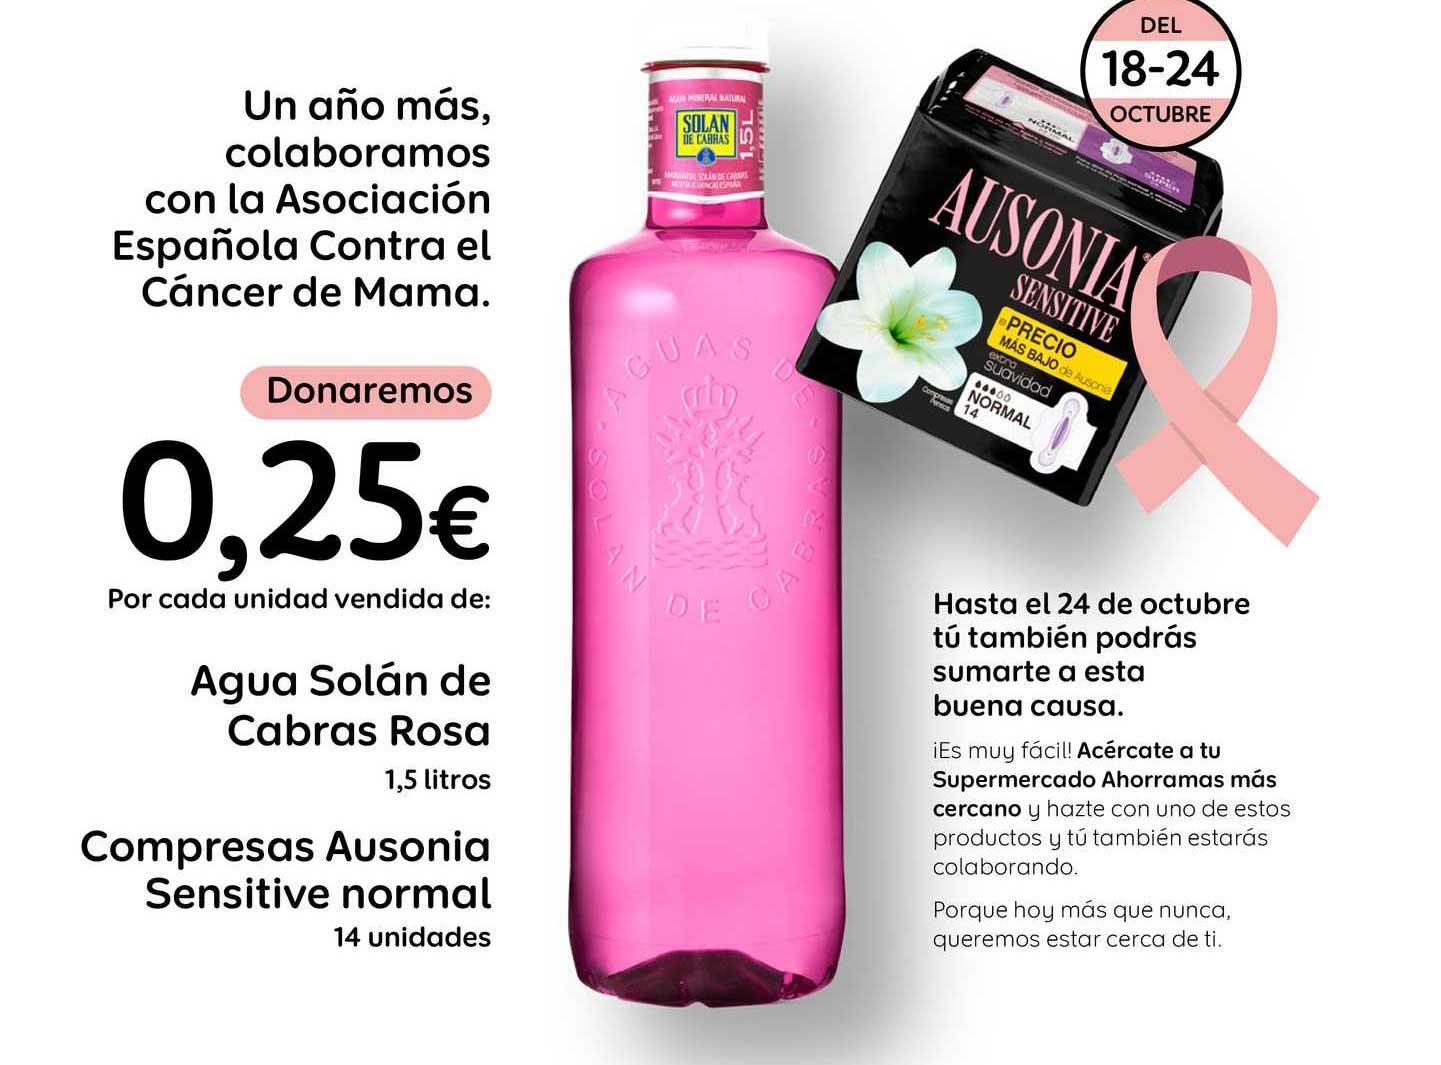 AhorraMas Agua Solán De Cabras Rosa Compresas Ausonia Sensitive Normal